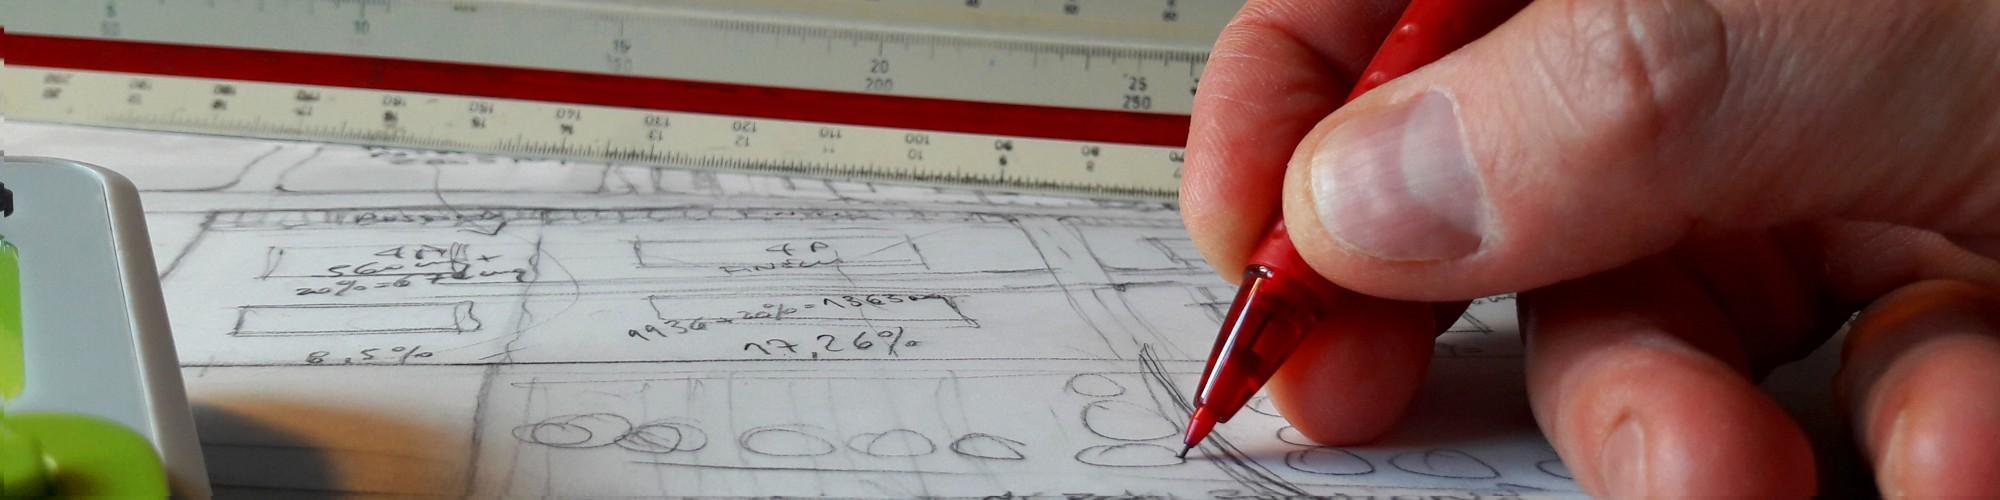 Bild: Hand mit Stift und Maßstabslinieal auf Bauzeichnung